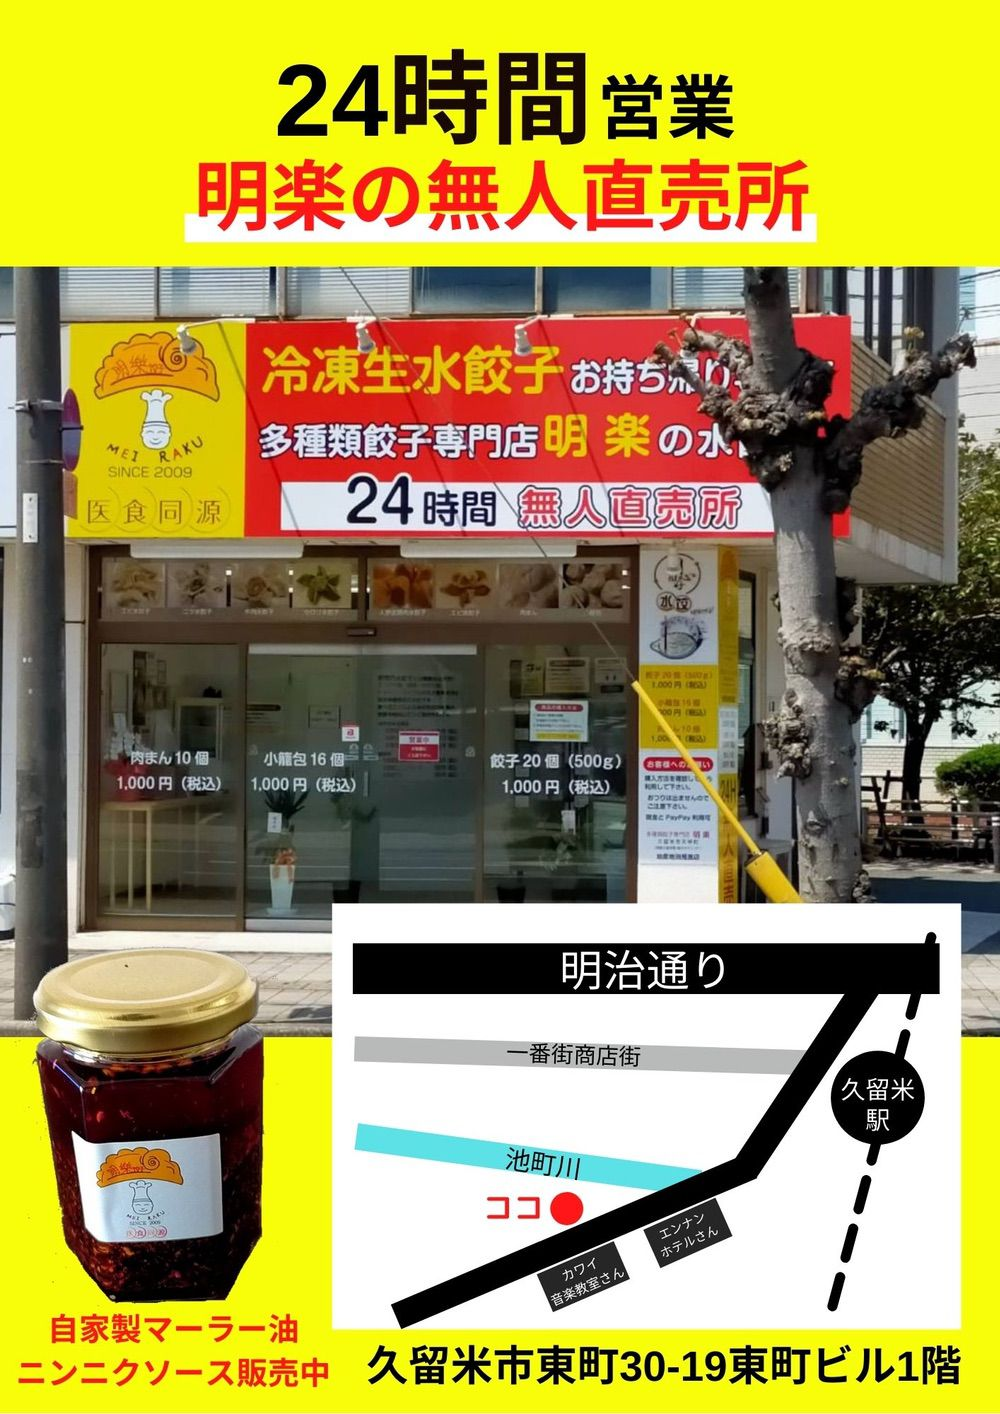 餃子専門店 明楽の無人直売所が久留米市東町にオープン!24時間 お持ち帰り専門店